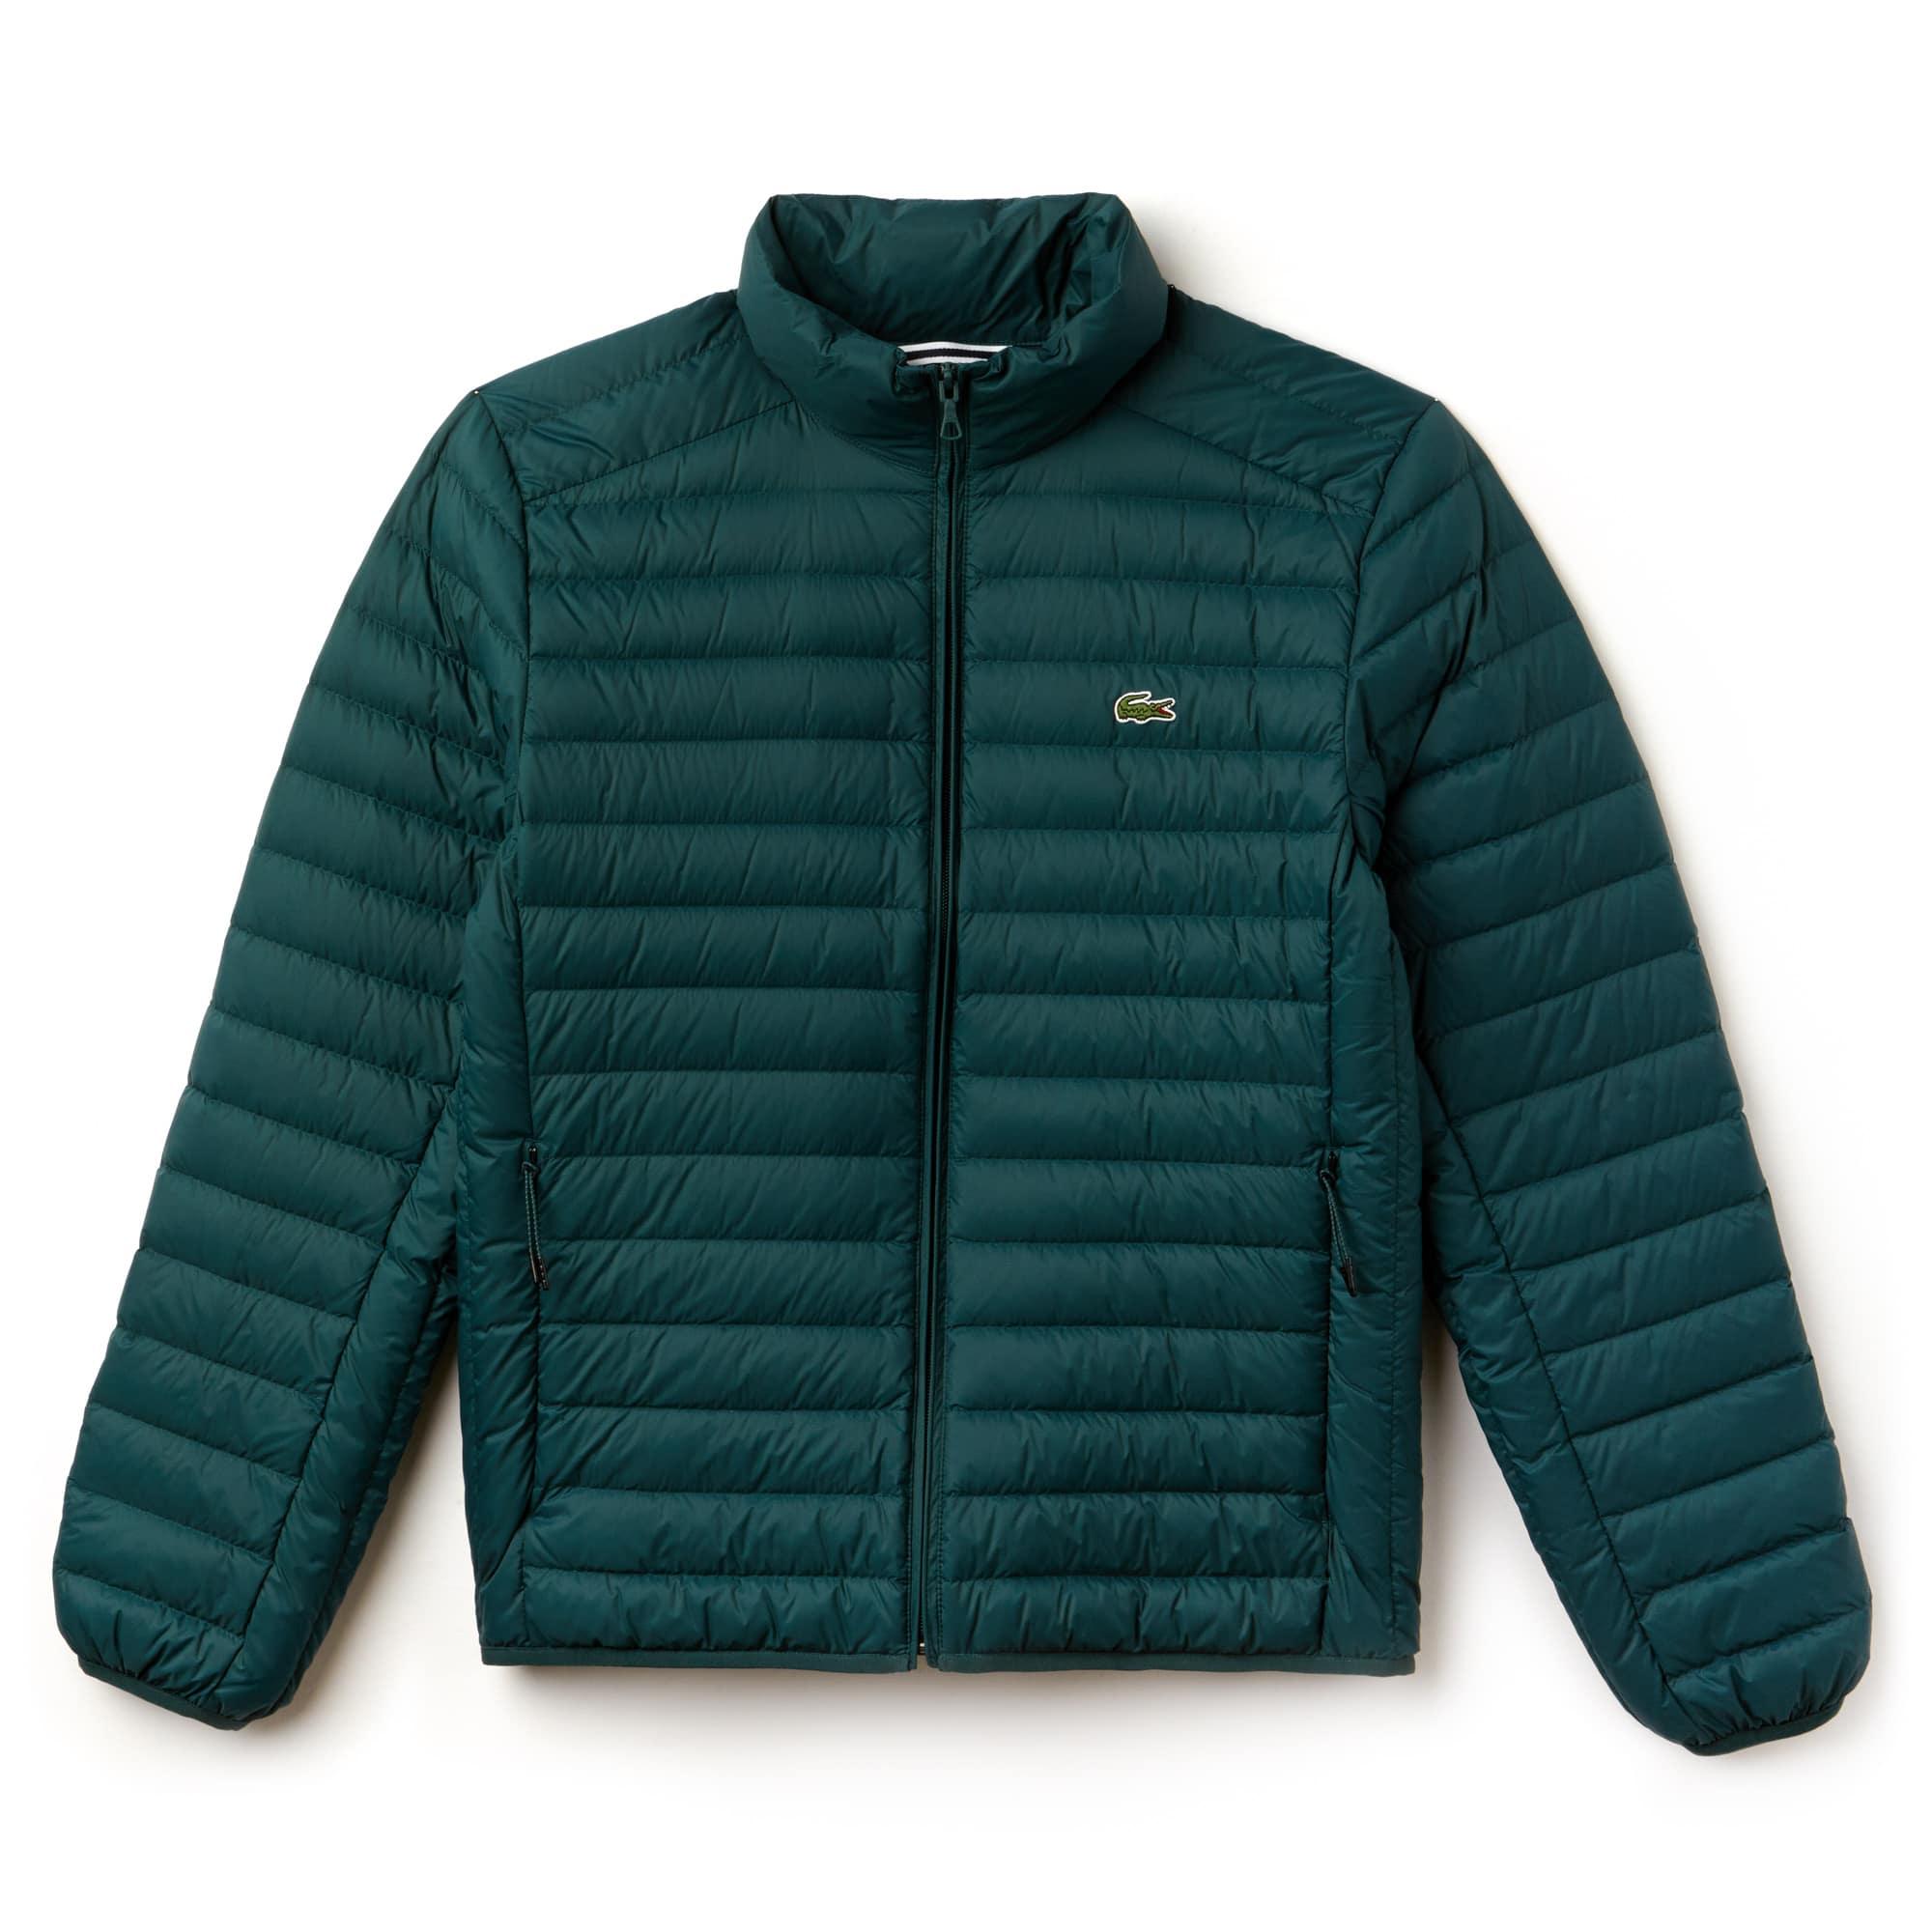 라코스테 초경량 퀼팅 자켓 아코티느 Lacoste Mens Short Contrast Lining Quilted Jacket, aconit, BH9389-51